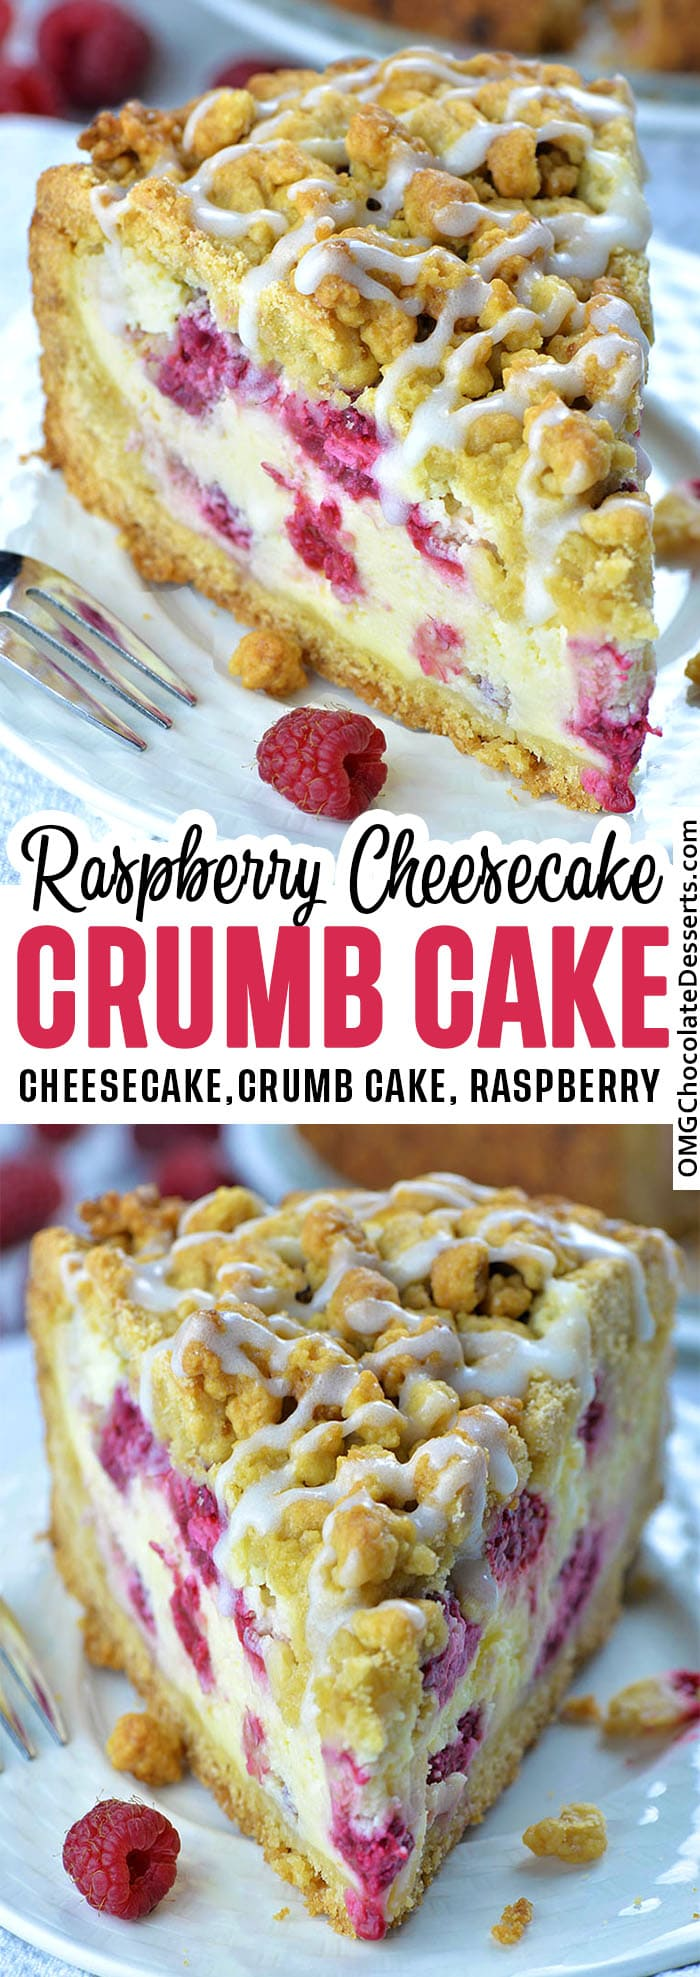 Raspberry Cheesecake Crumb Cake